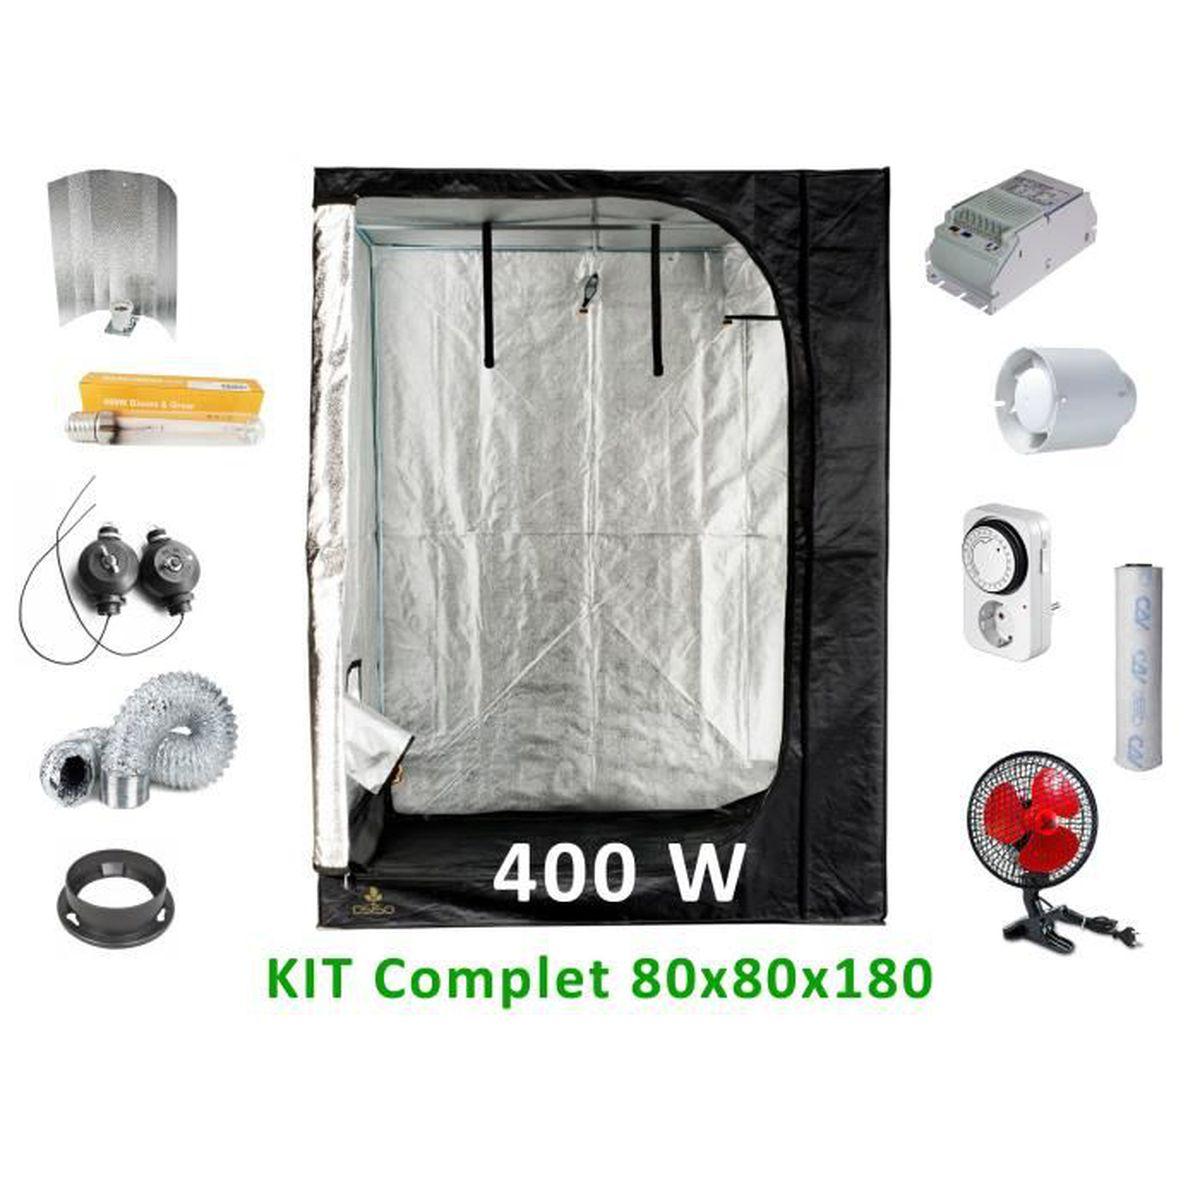 Kit de culture Complet 9w 9 cm - Achat / Vente chambre de